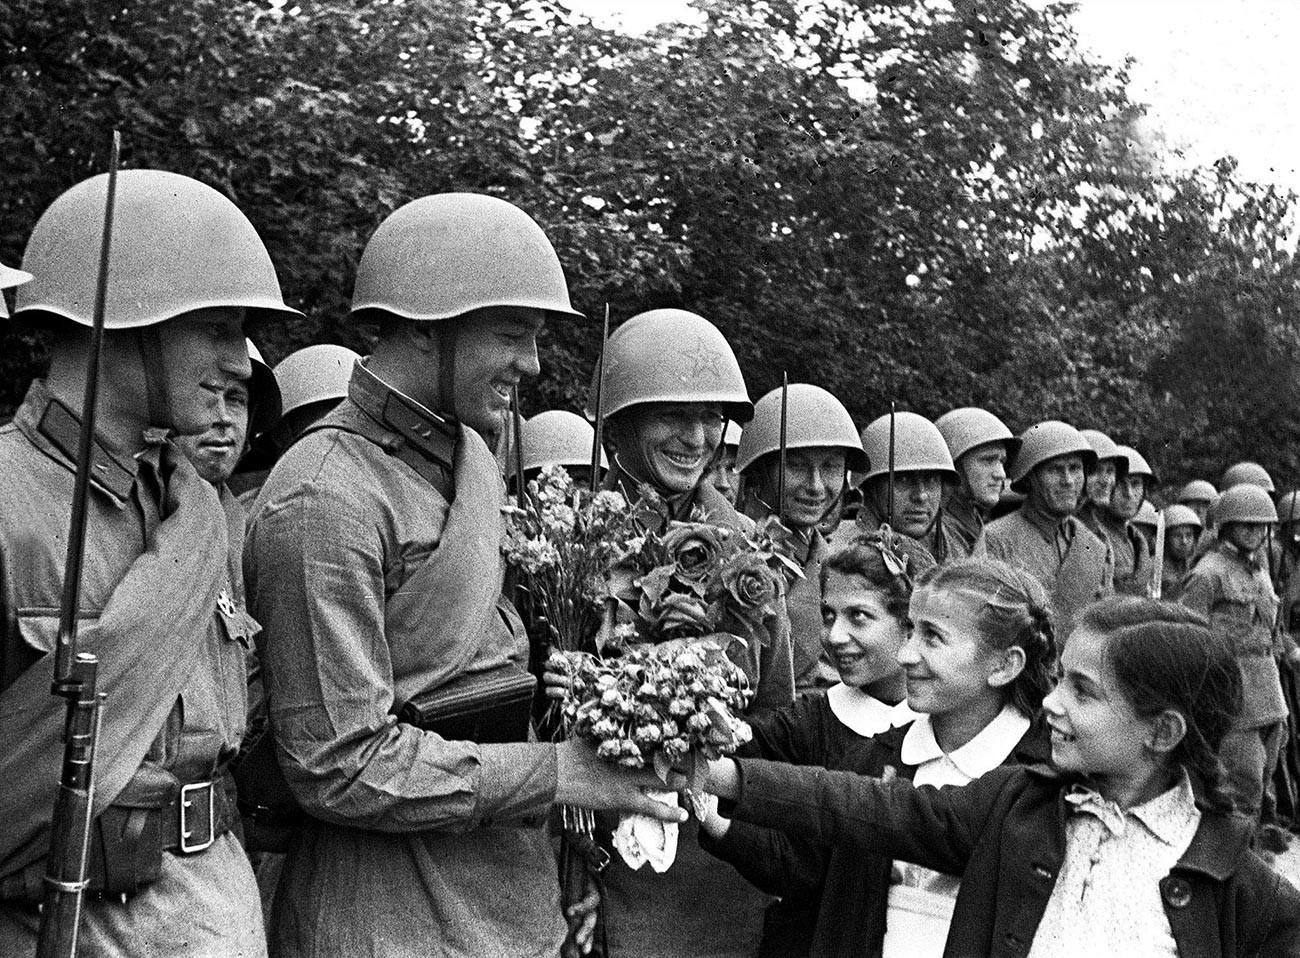 Otroci pozdravljajo vojake Rdeče armade med parado ob priključitvi Besarabije in Severne Bukovine Sovjetski zvezi, Kišinjev, 4. julij 1940.